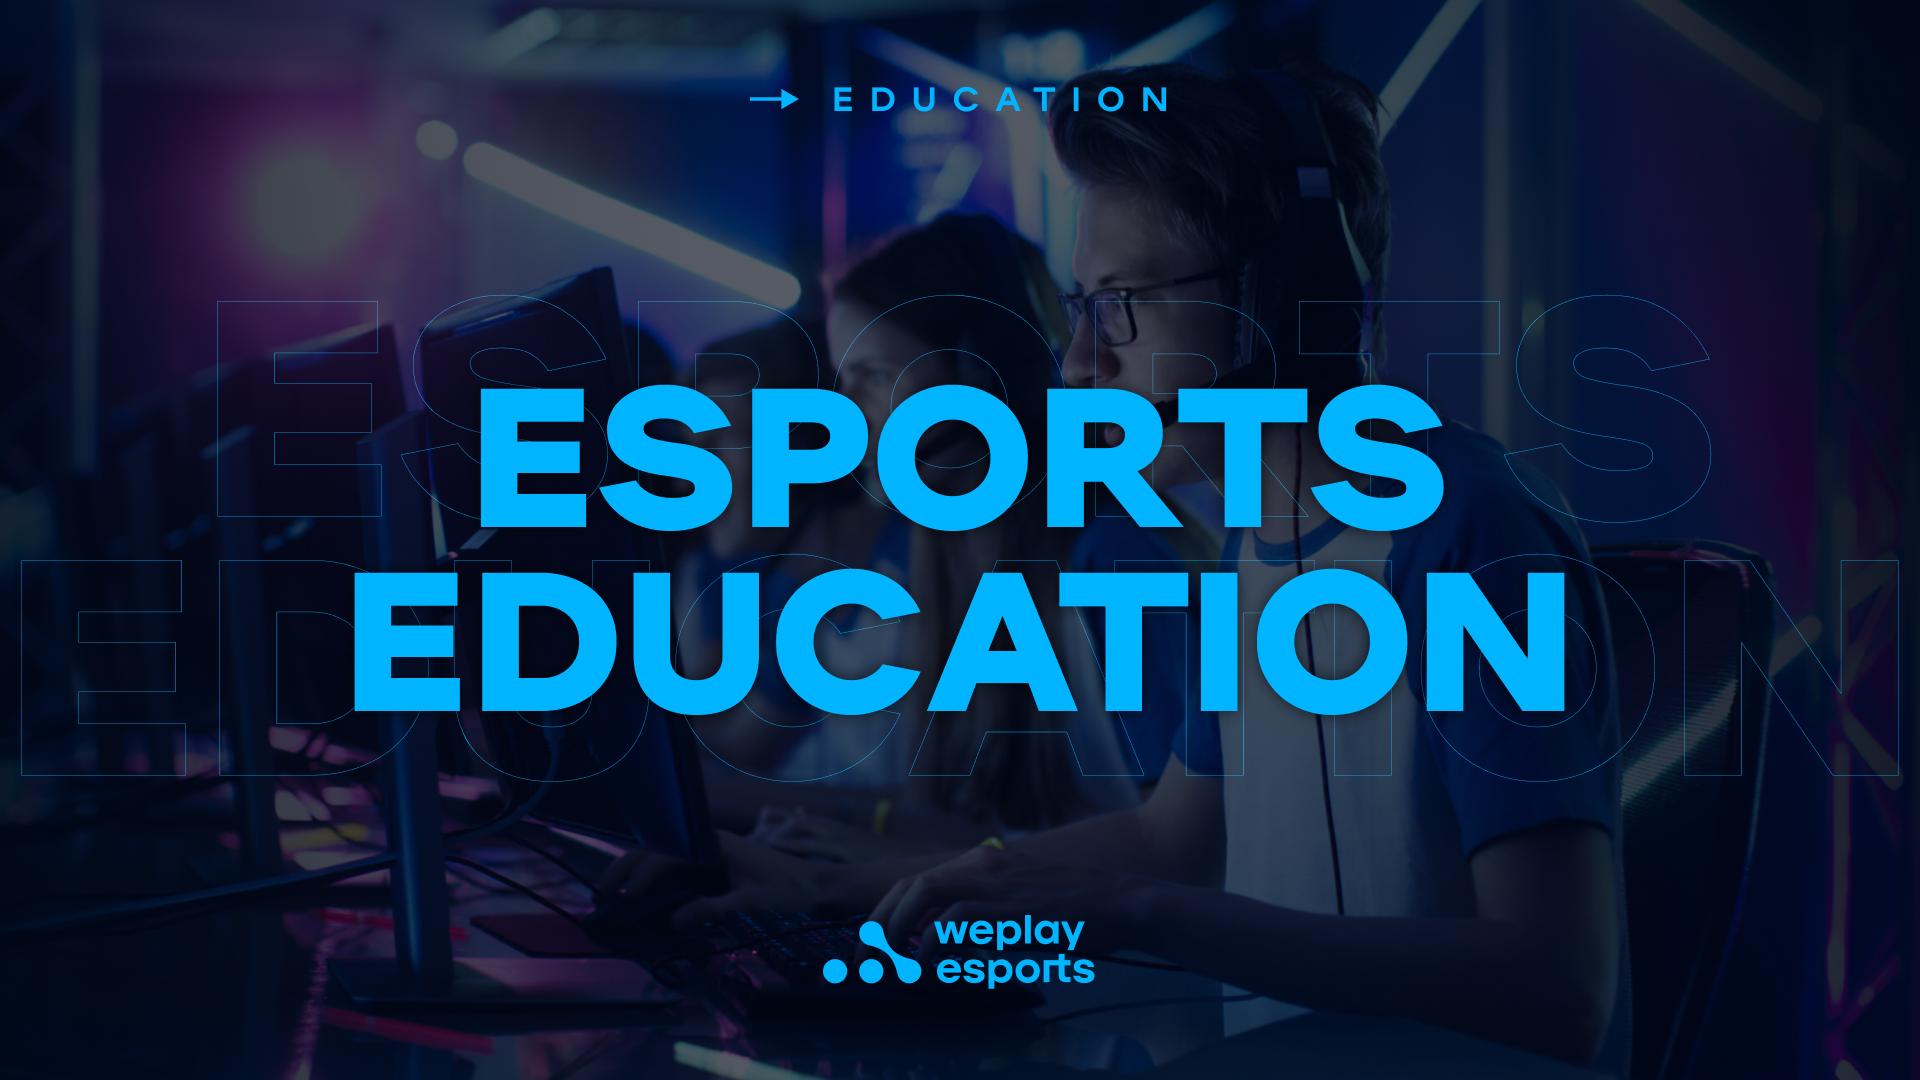 Esports education. Image: WePlay Holding